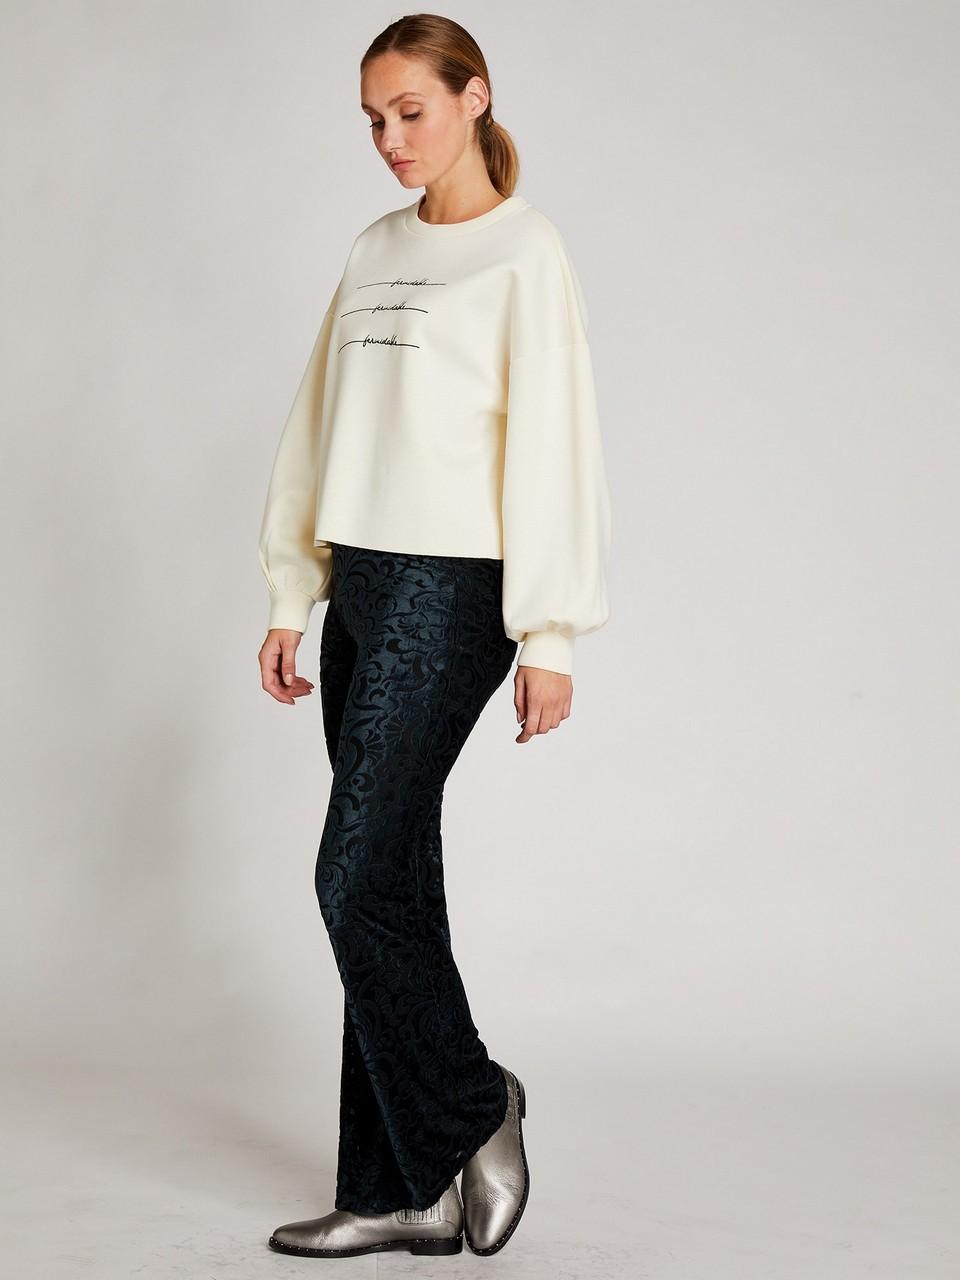 Önü Nakışlı Sweatshirt